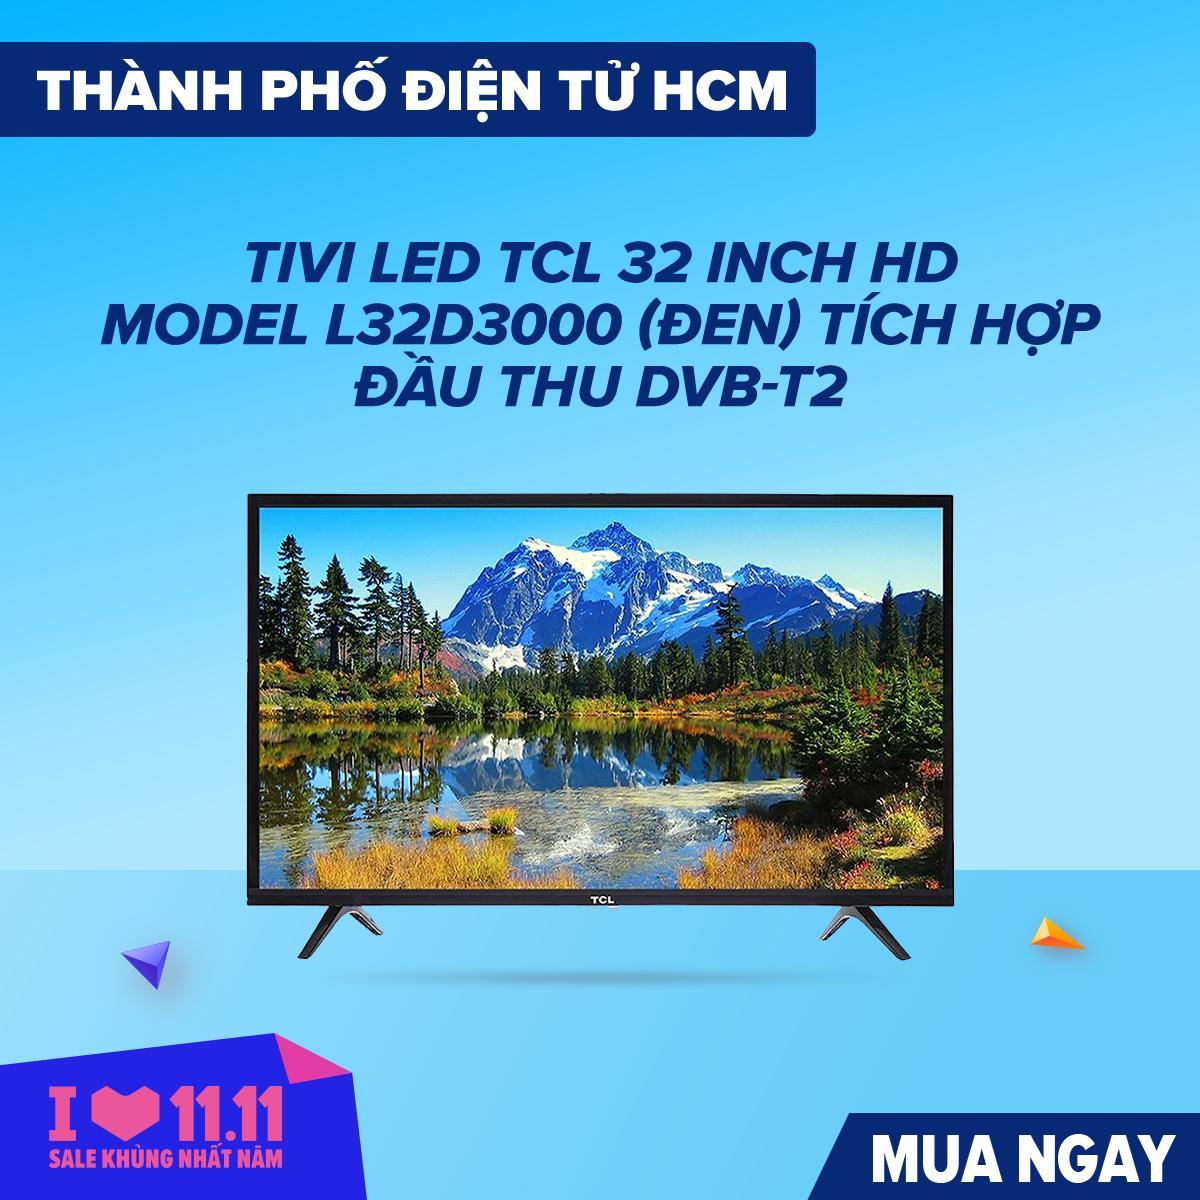 Tivi TCL L32D3000 32INCH